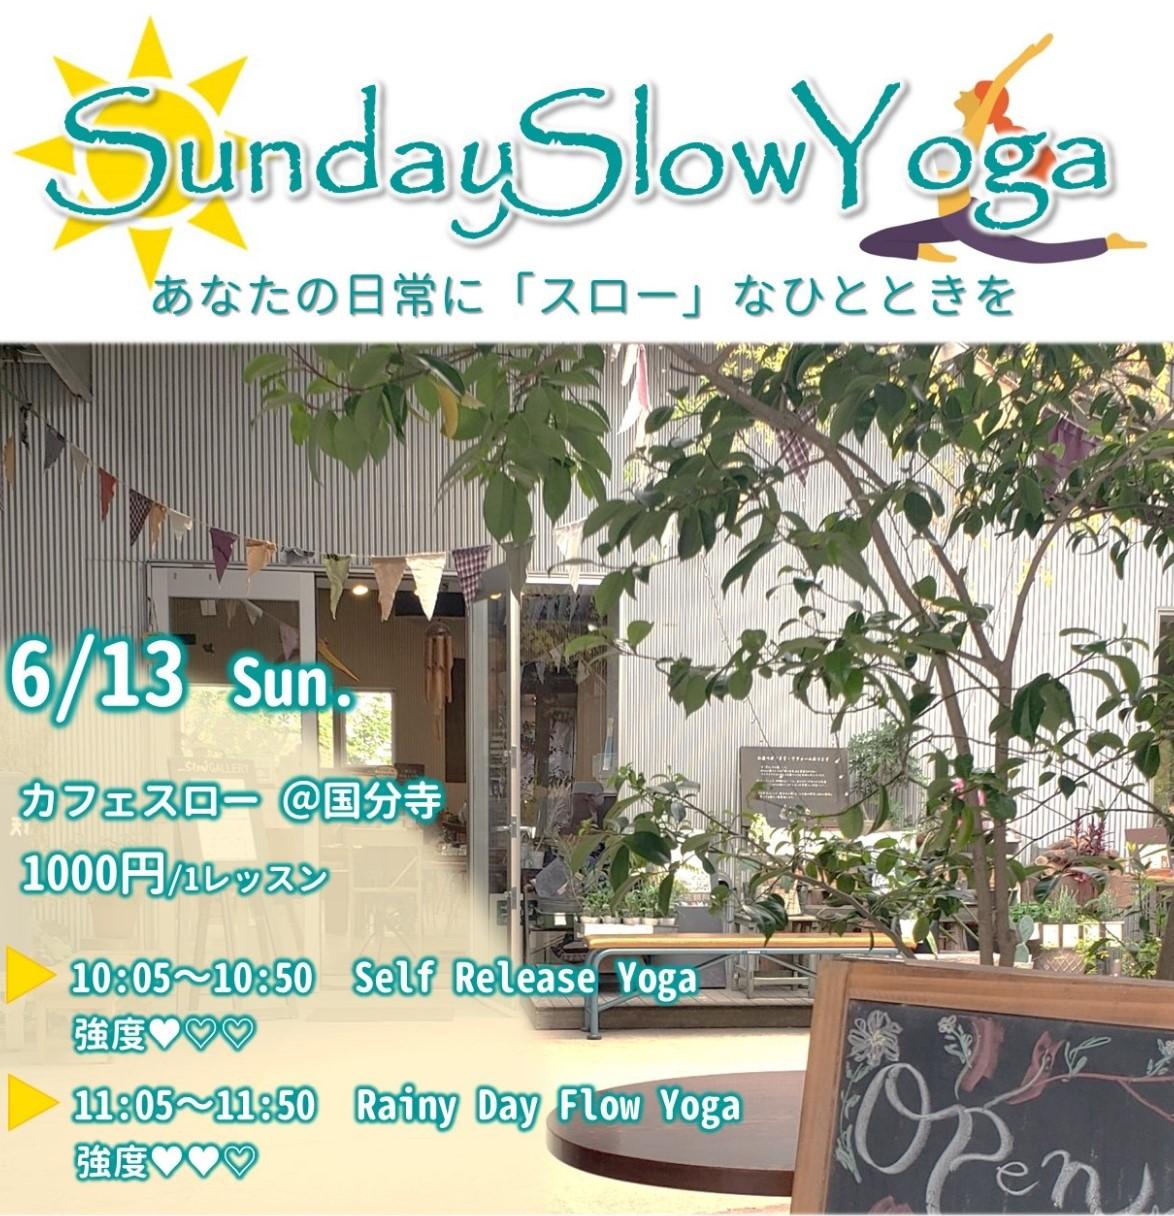 6/13(日) 【Sunday Slow Yoga】あなたの日常に「スロー」なひとときを